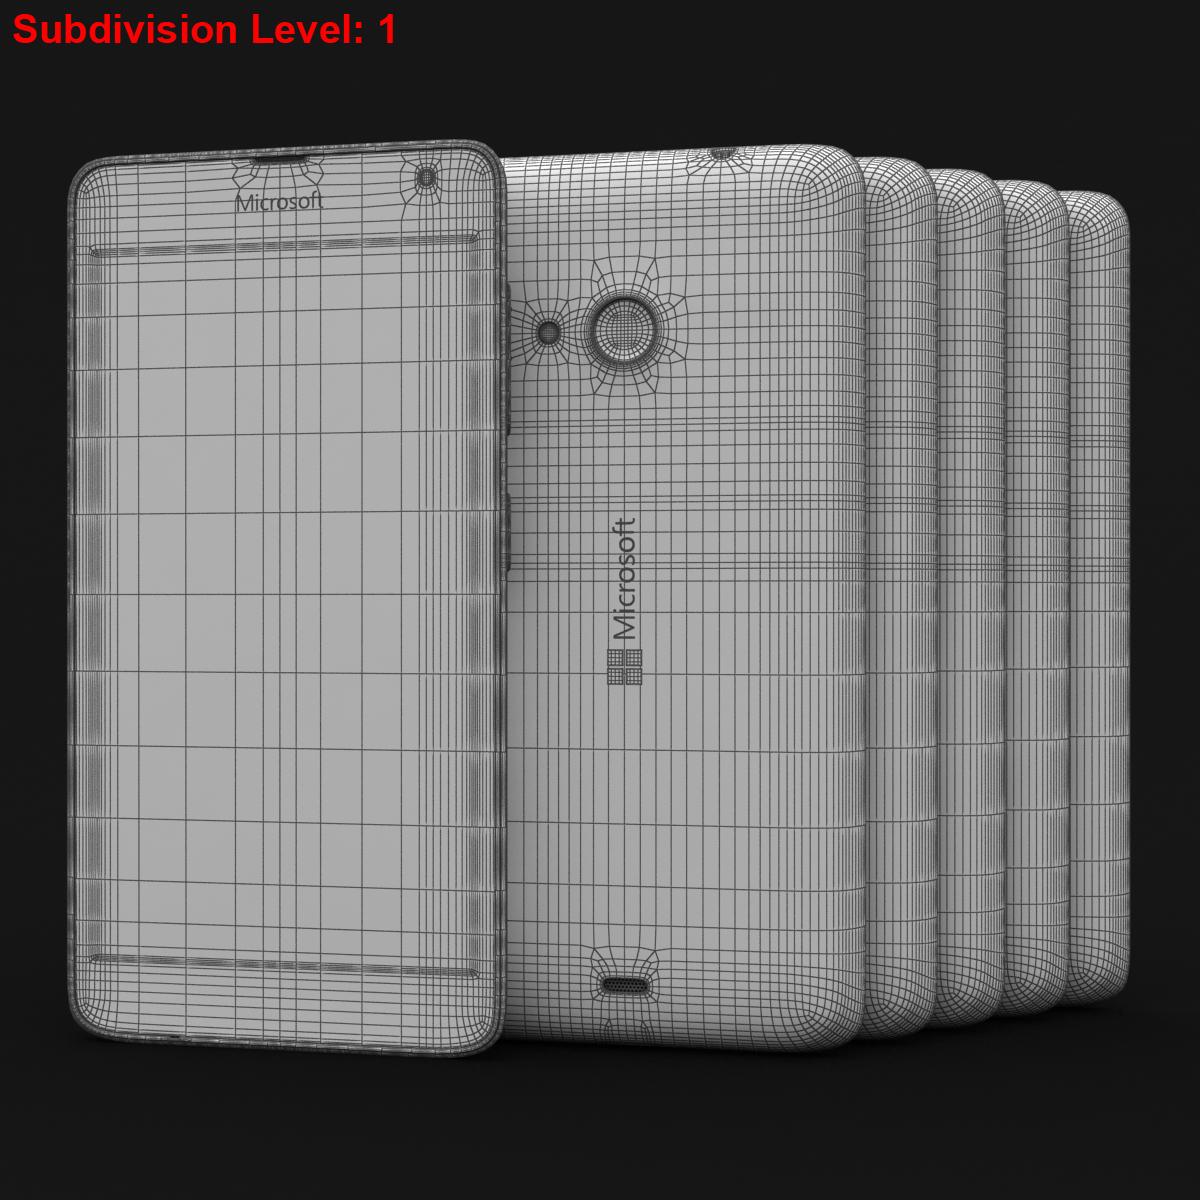 microsoft lumia 535 and dual sim all colors 3d model 3ds max fbx c4d obj 204710